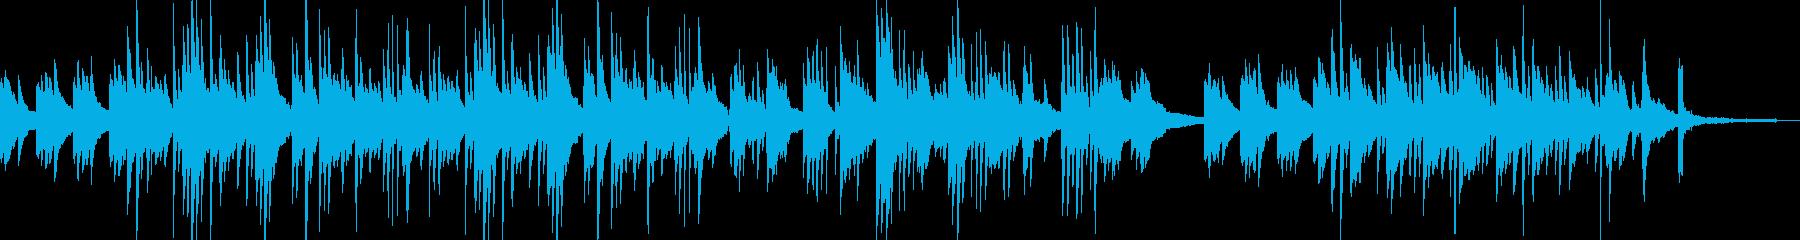 しっとりしたピアノの切ない曲の再生済みの波形